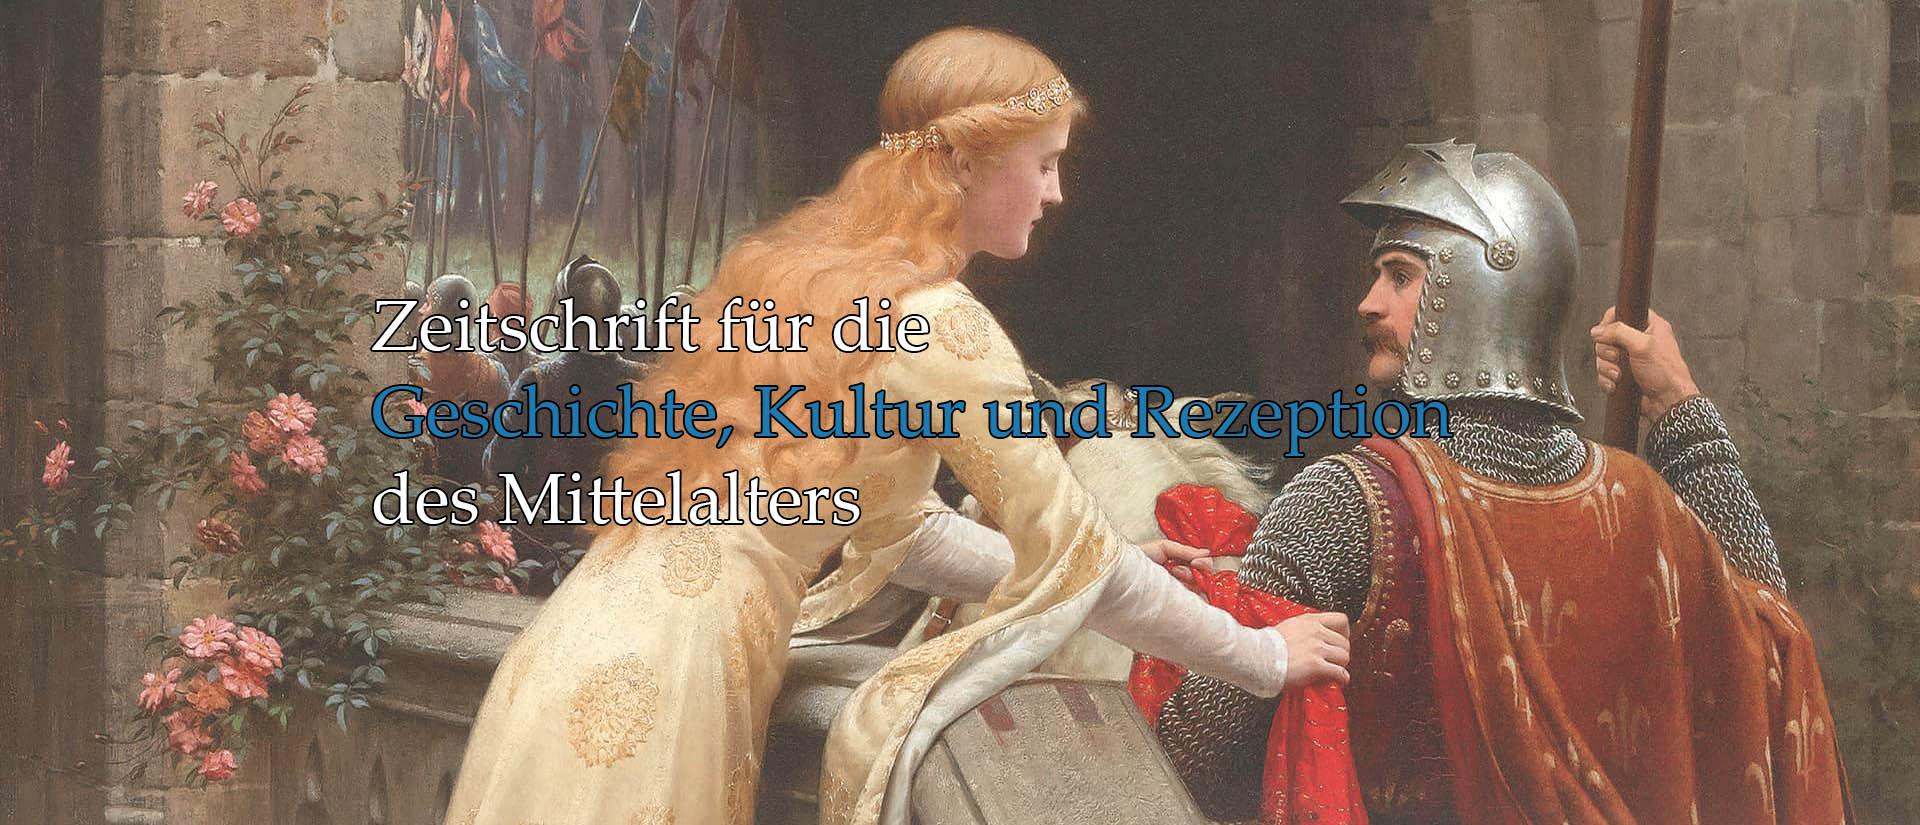 Mittelalter Digital Zeitschrift